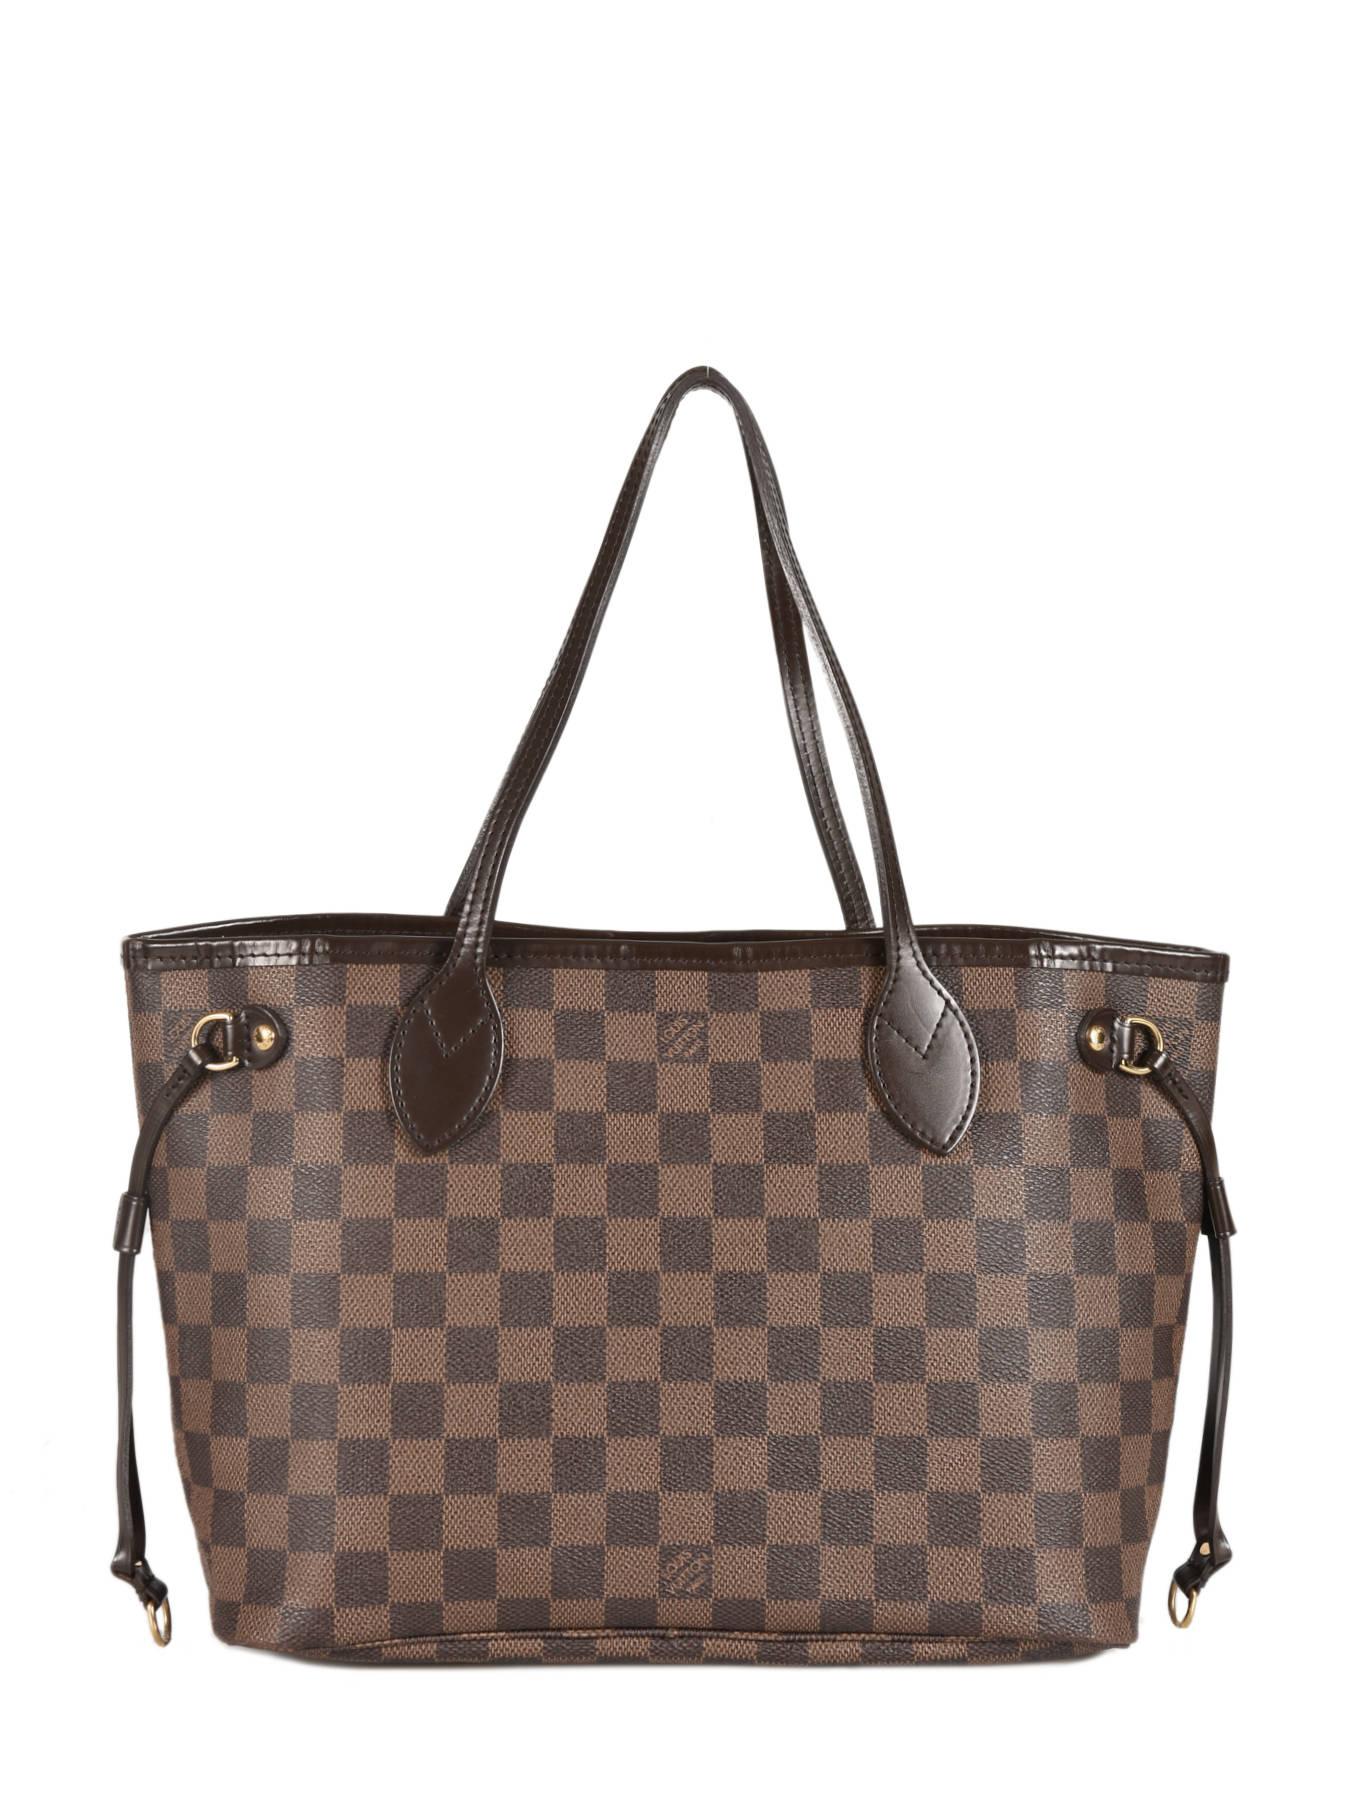 4d59e920ce ... Sac Porté épaule D'occasion Louis Vuitton Neverfull Damier Ebene  Brand connection ...